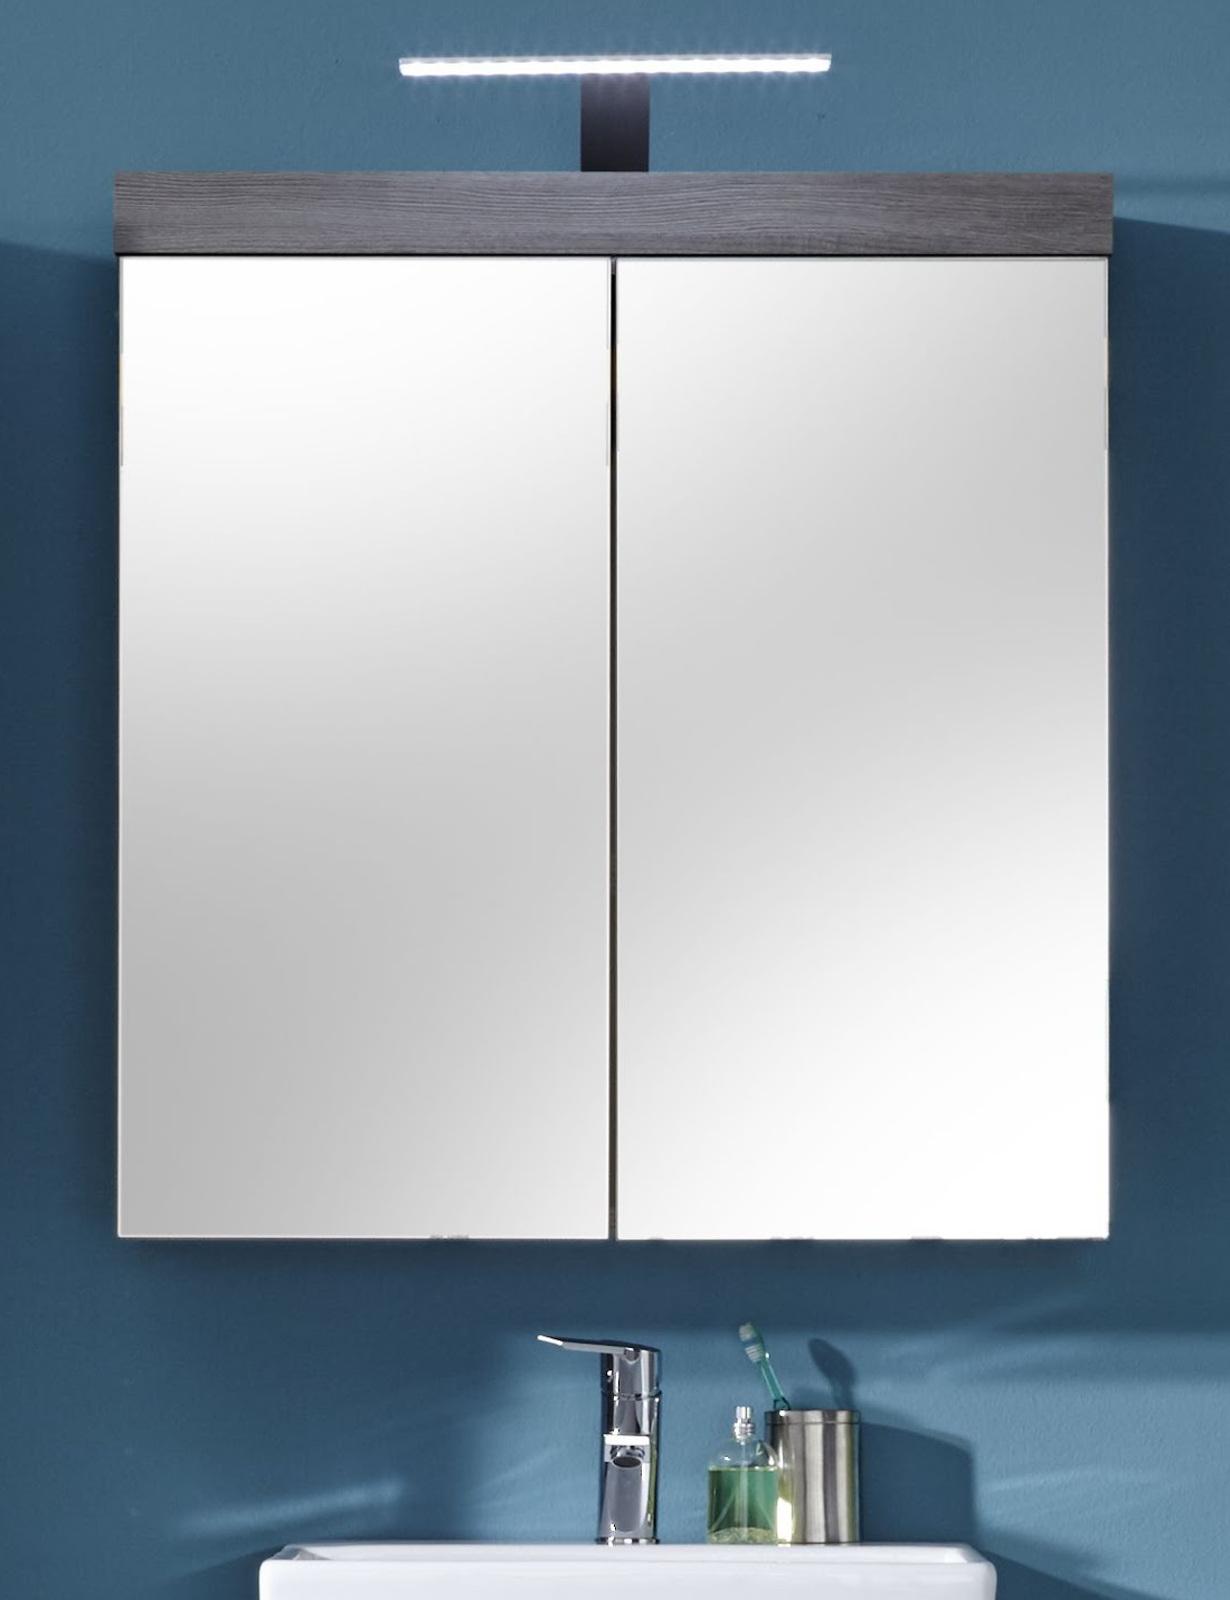 Badmöbel Miami Silber/Grau günstig online kaufen